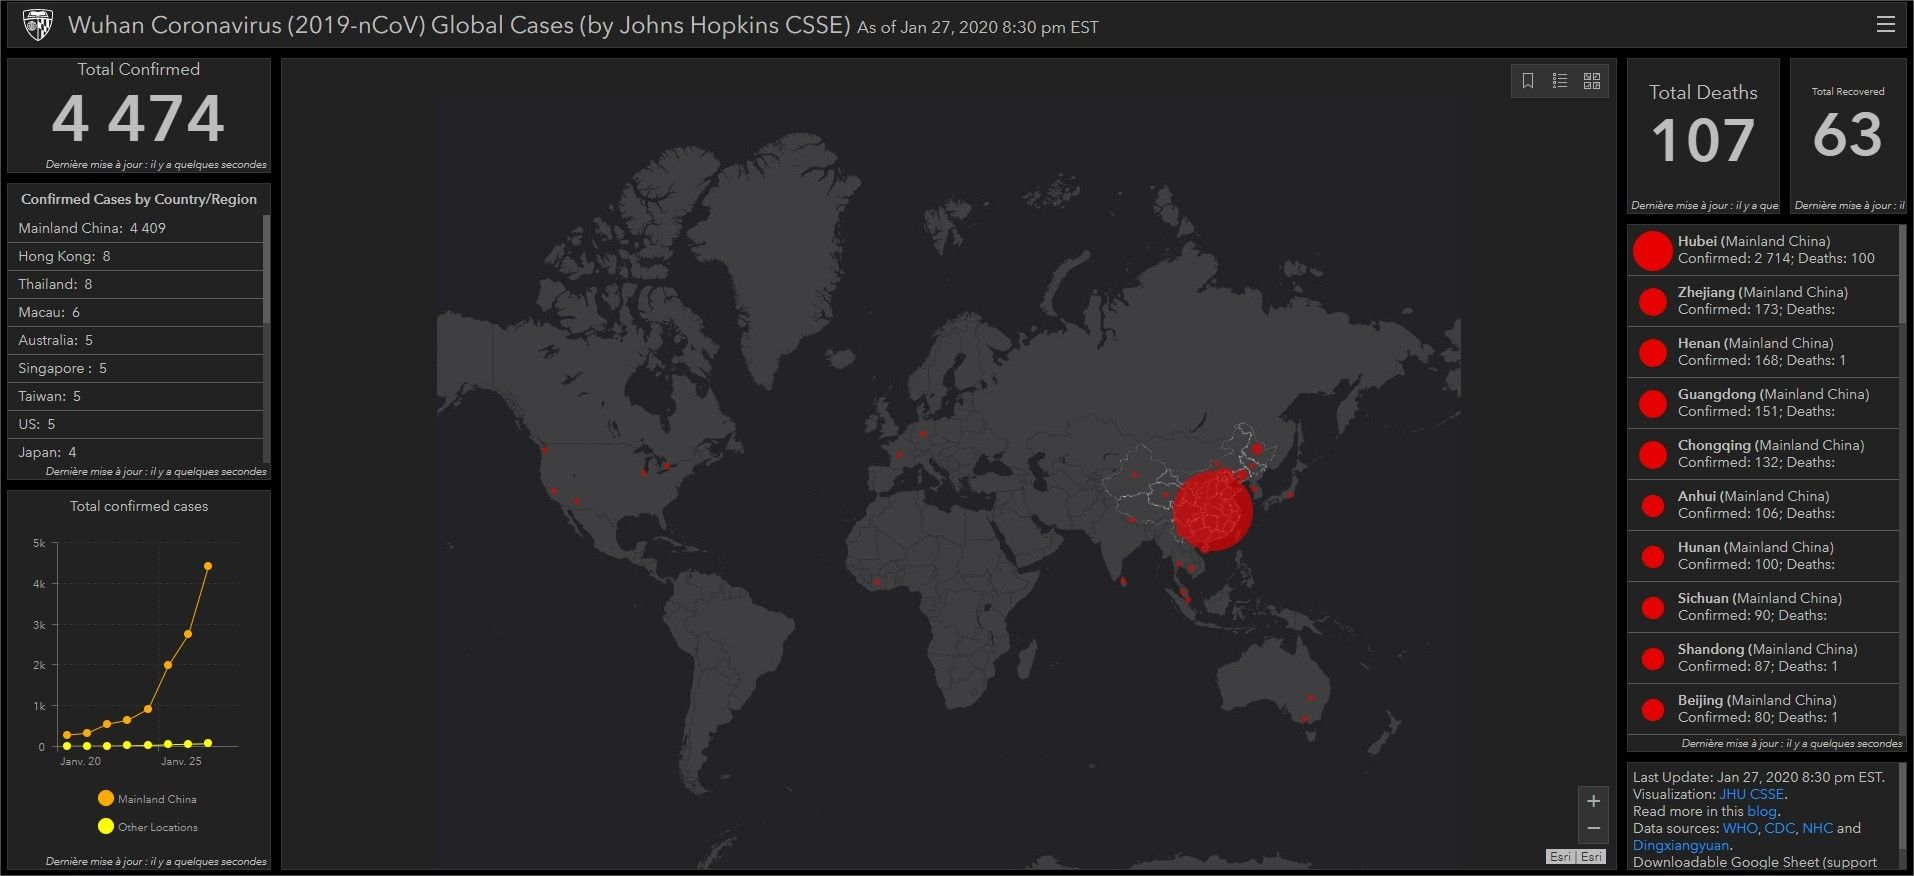 Coronavirus : une Intelligence Artificielle avait prédit l'épidémie, une carte de propagation disponible